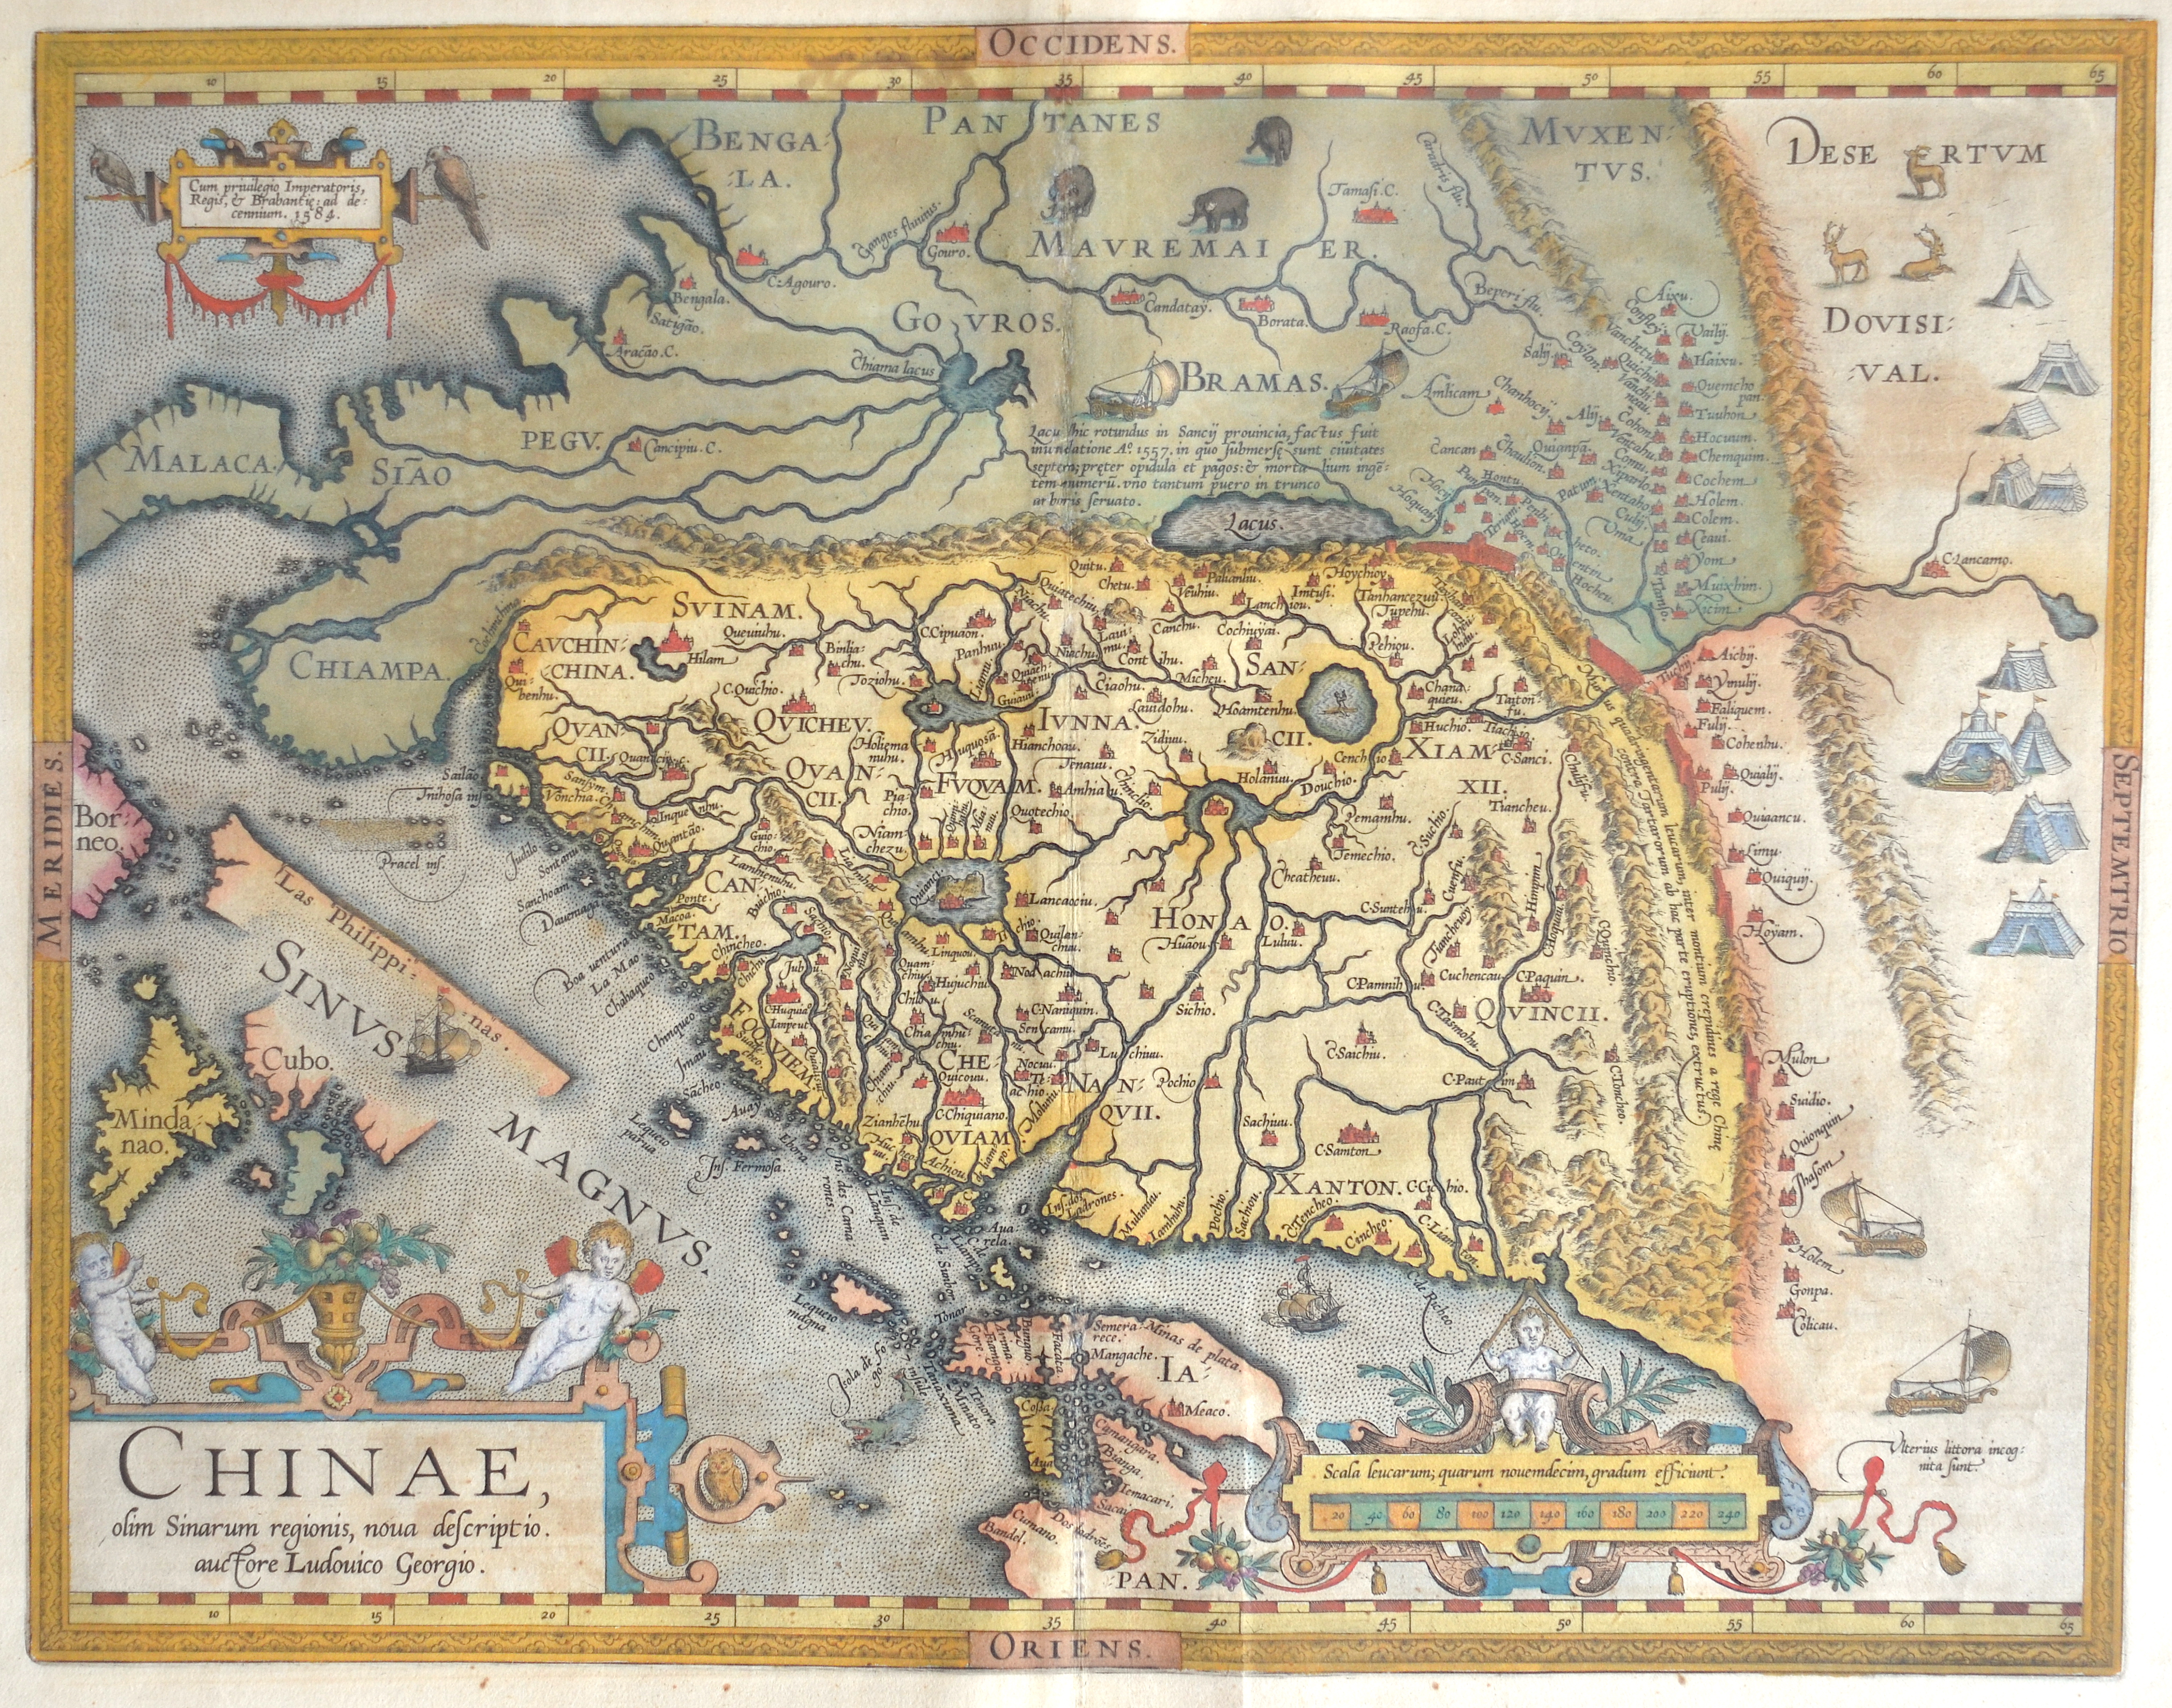 Ortelius  Chinae, olim Sinarum regionis, nova descriptio. Auctore Ludovico Georgio.